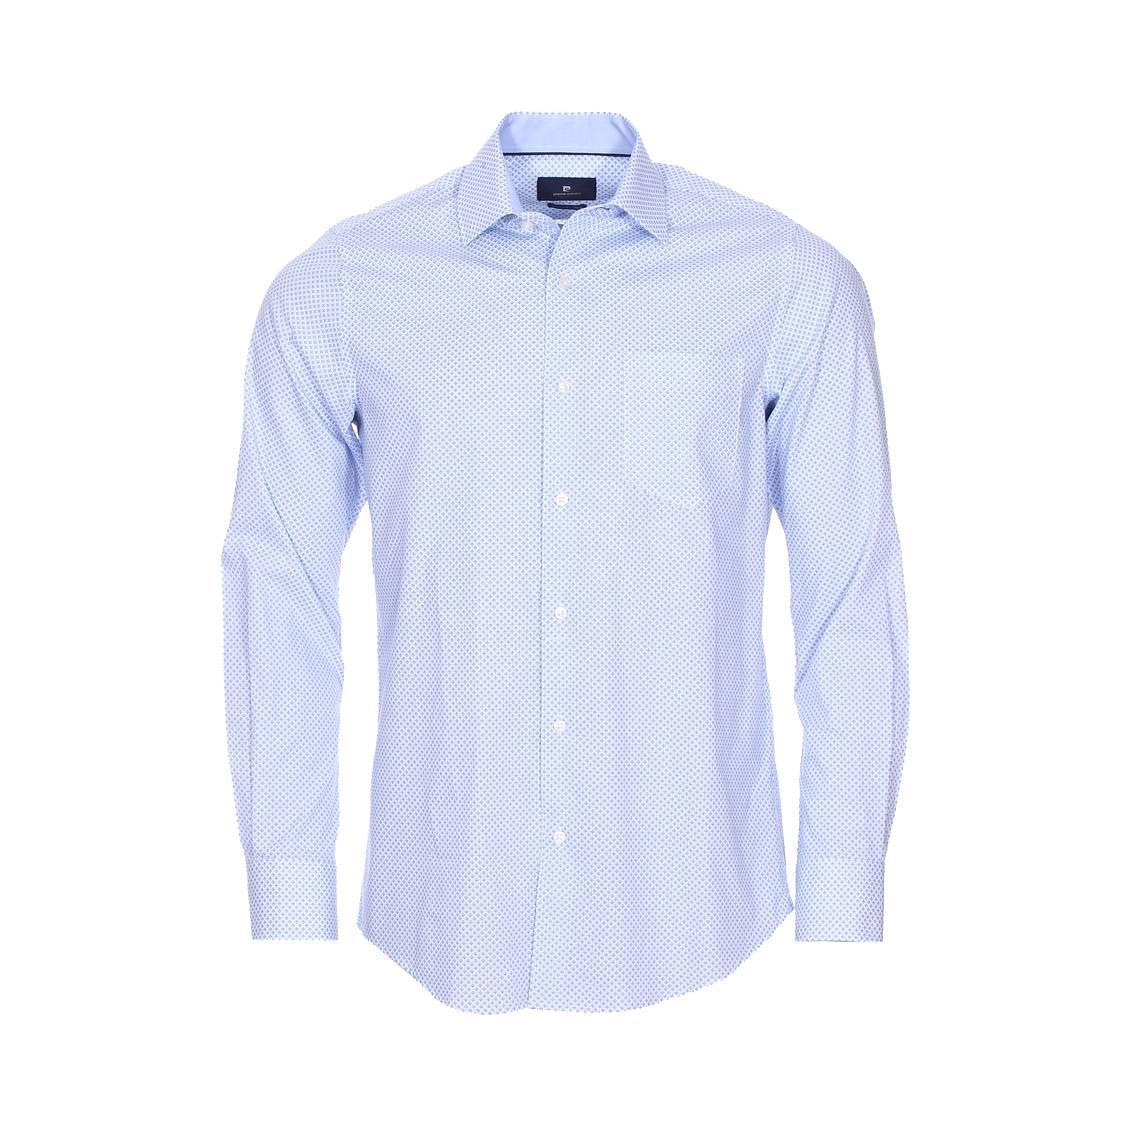 Chemise ajustée  en coton blanc à motifs bleu ciel et bleu marine